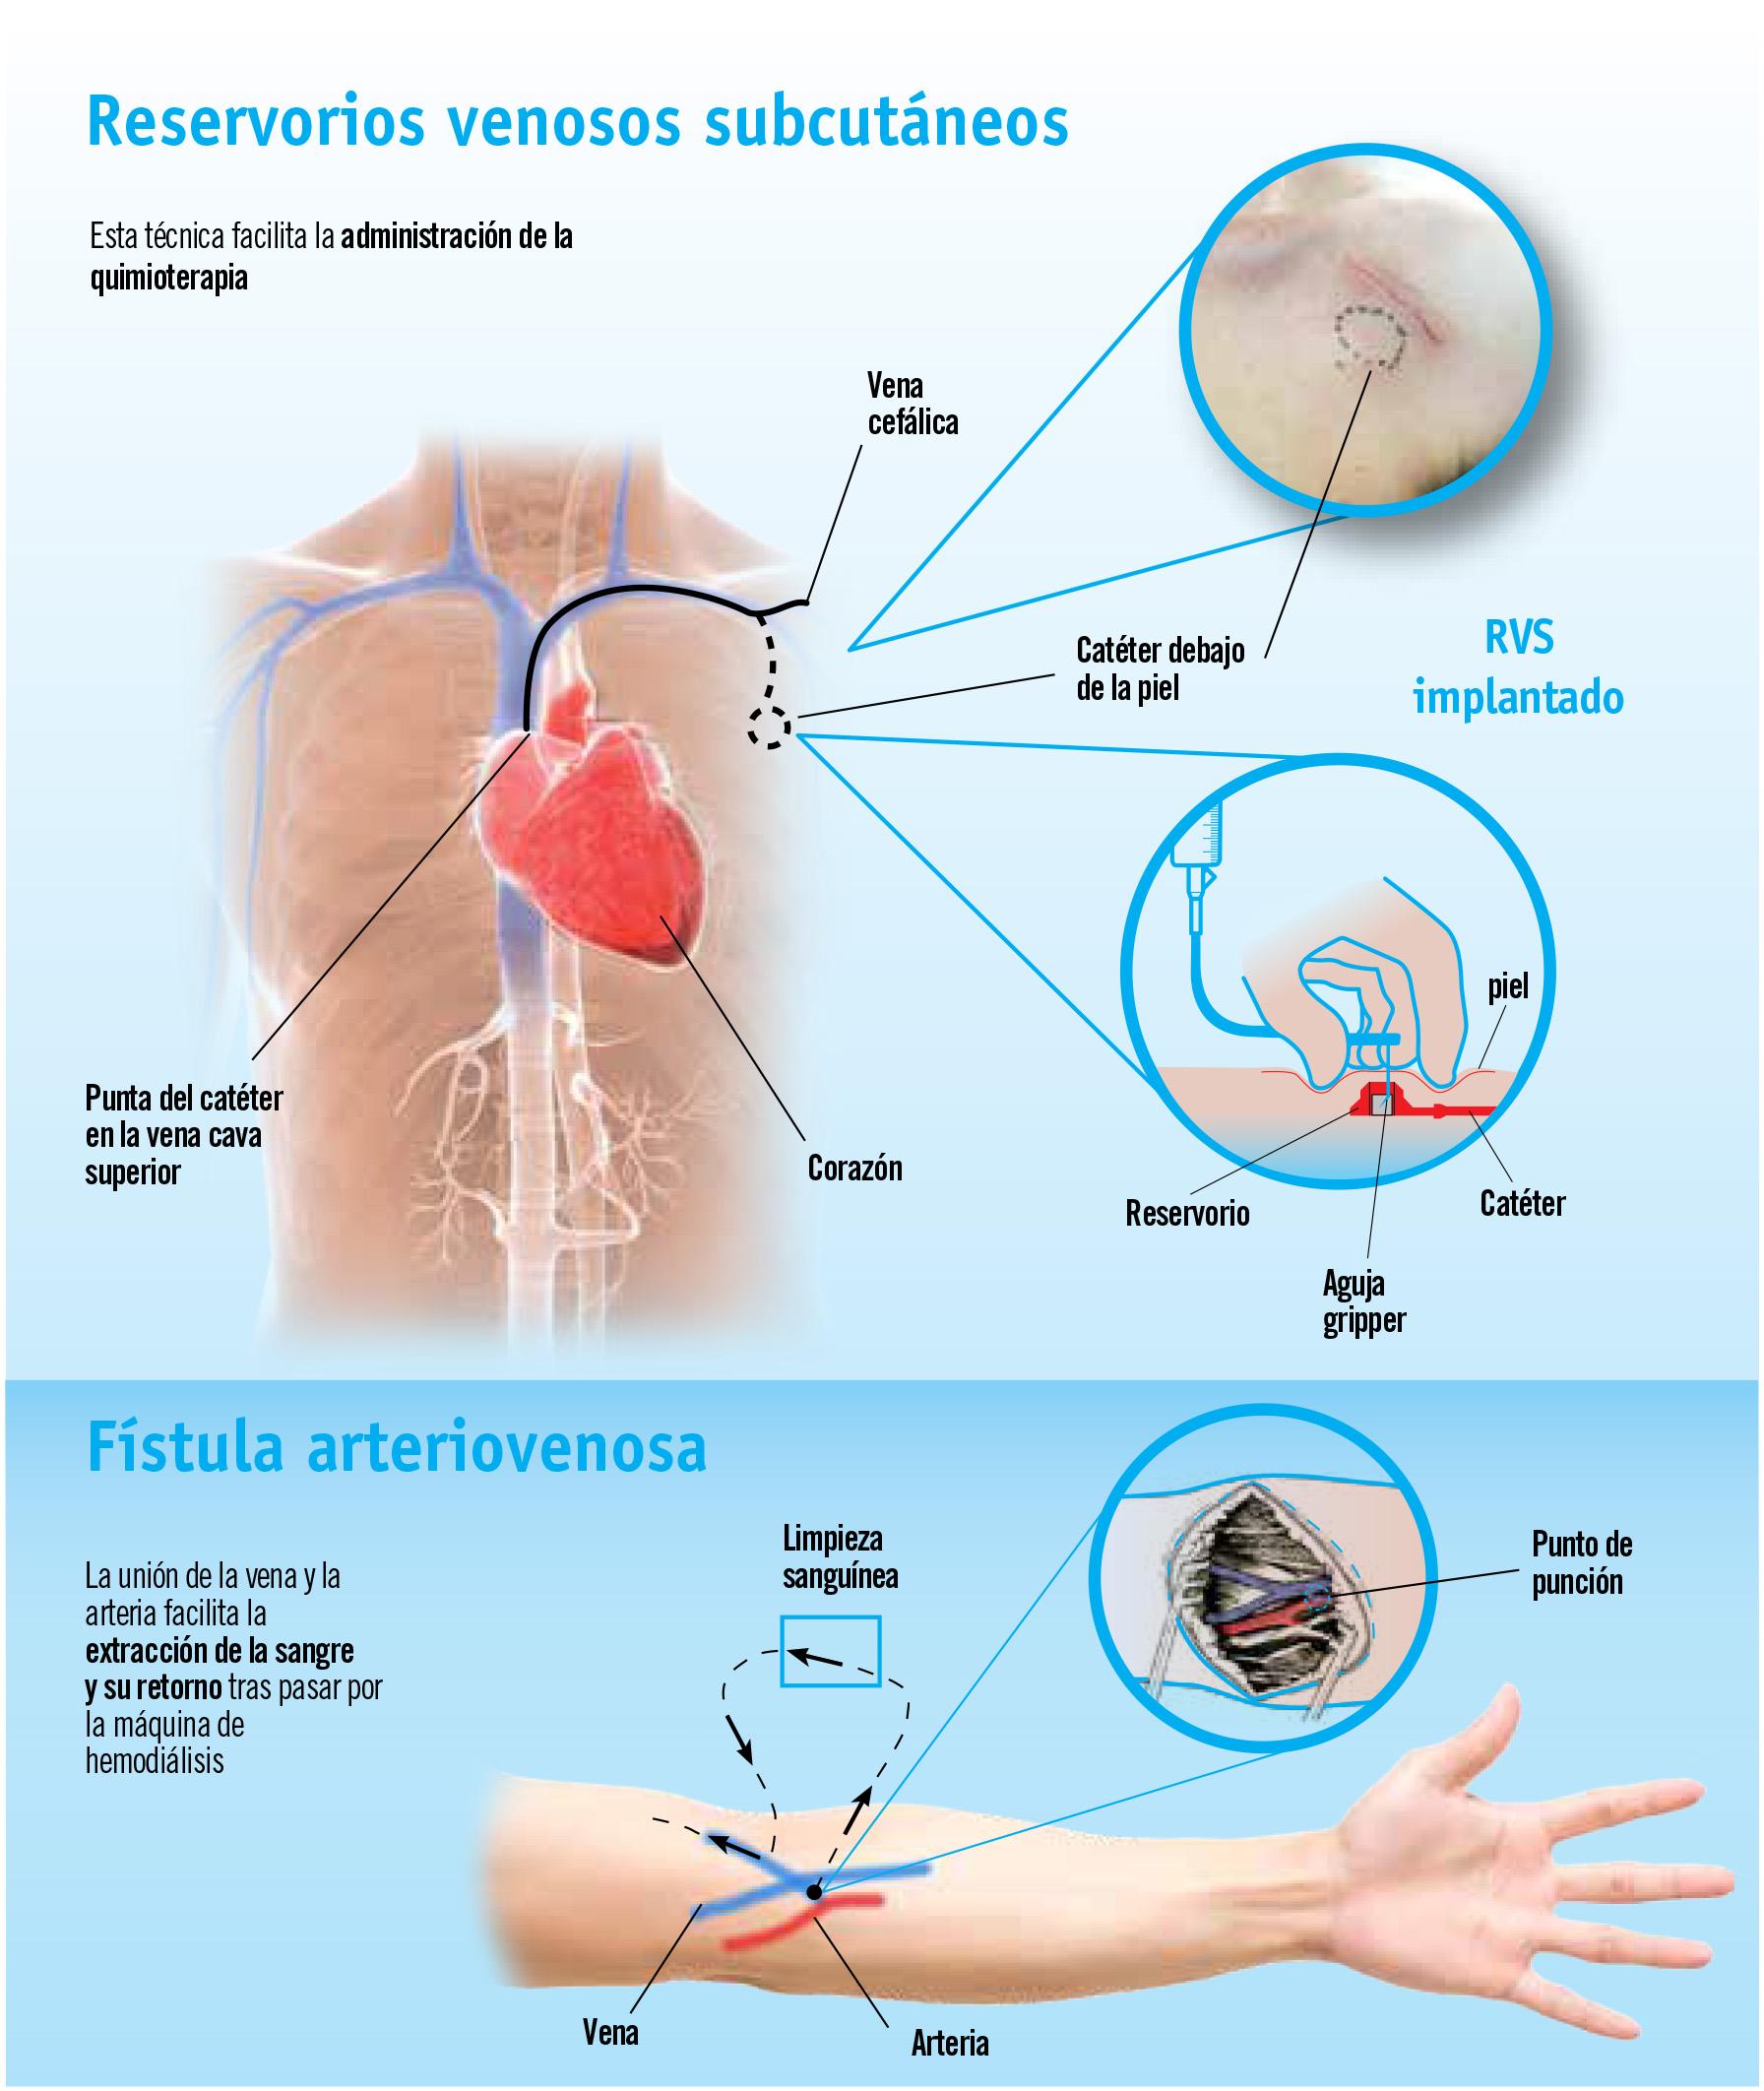 Reservorios venosos subcutáneos, una ayuda para pacientes oncológicos y renales